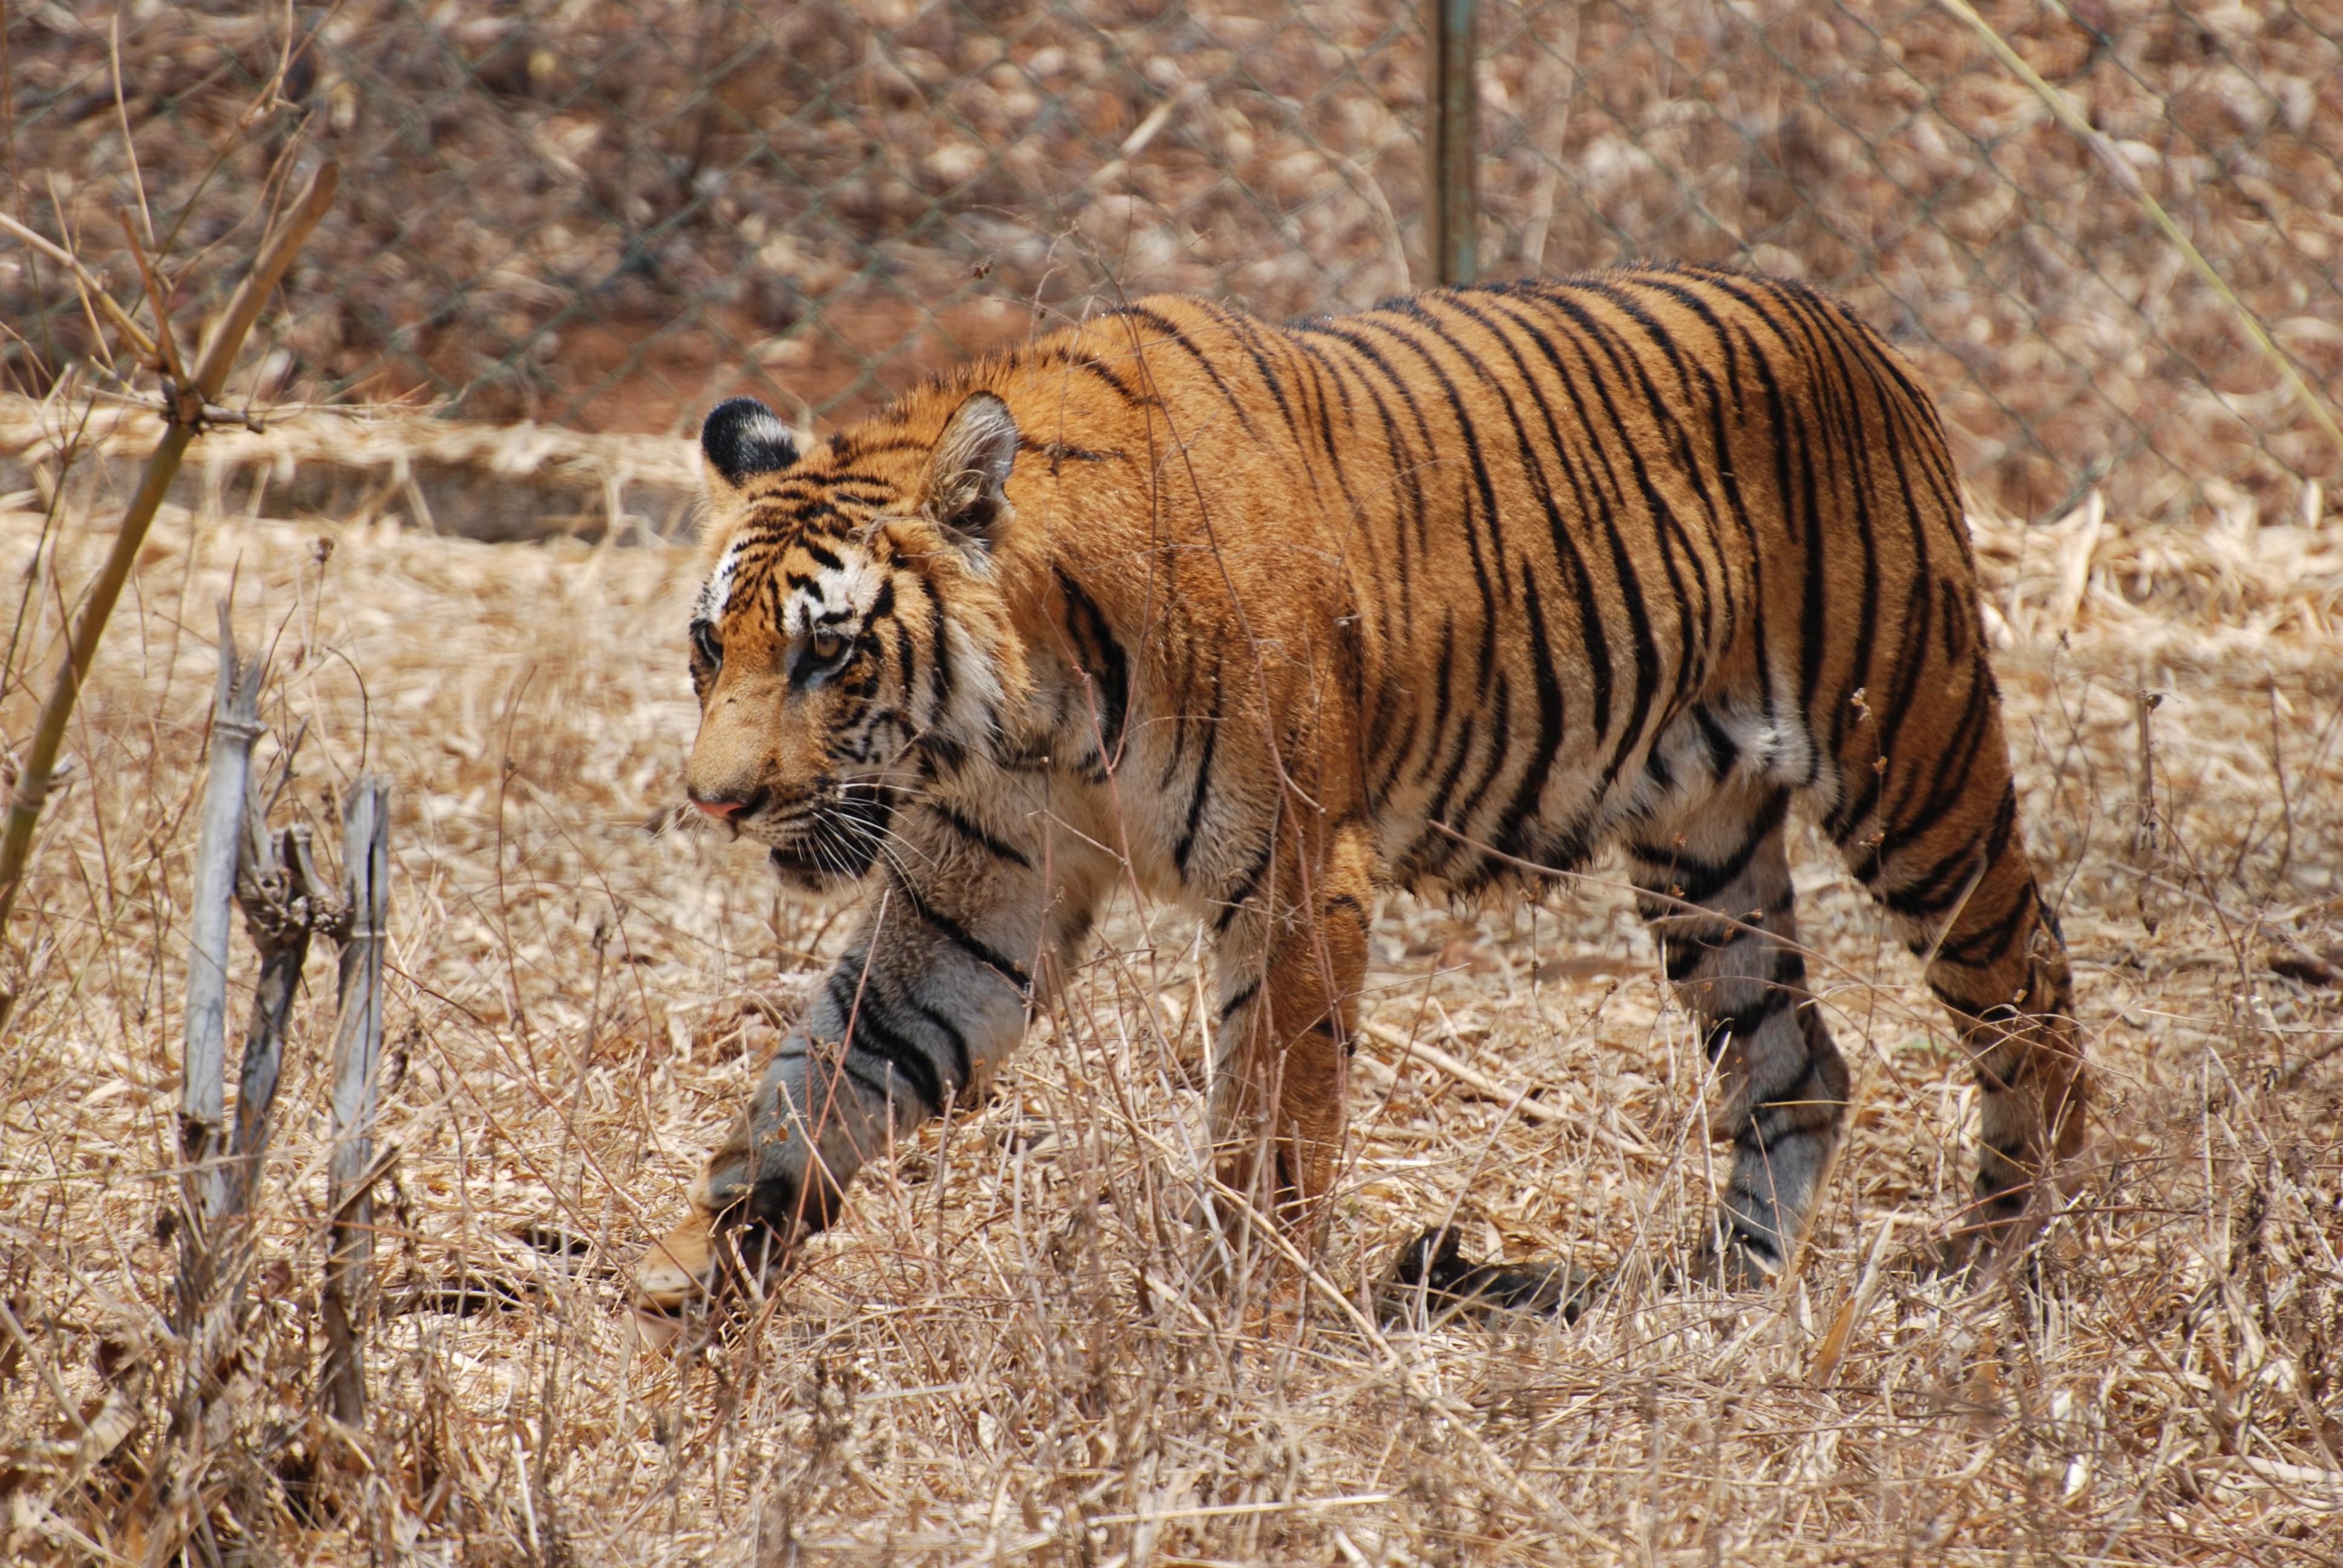 karnataka bengal tiger pictures